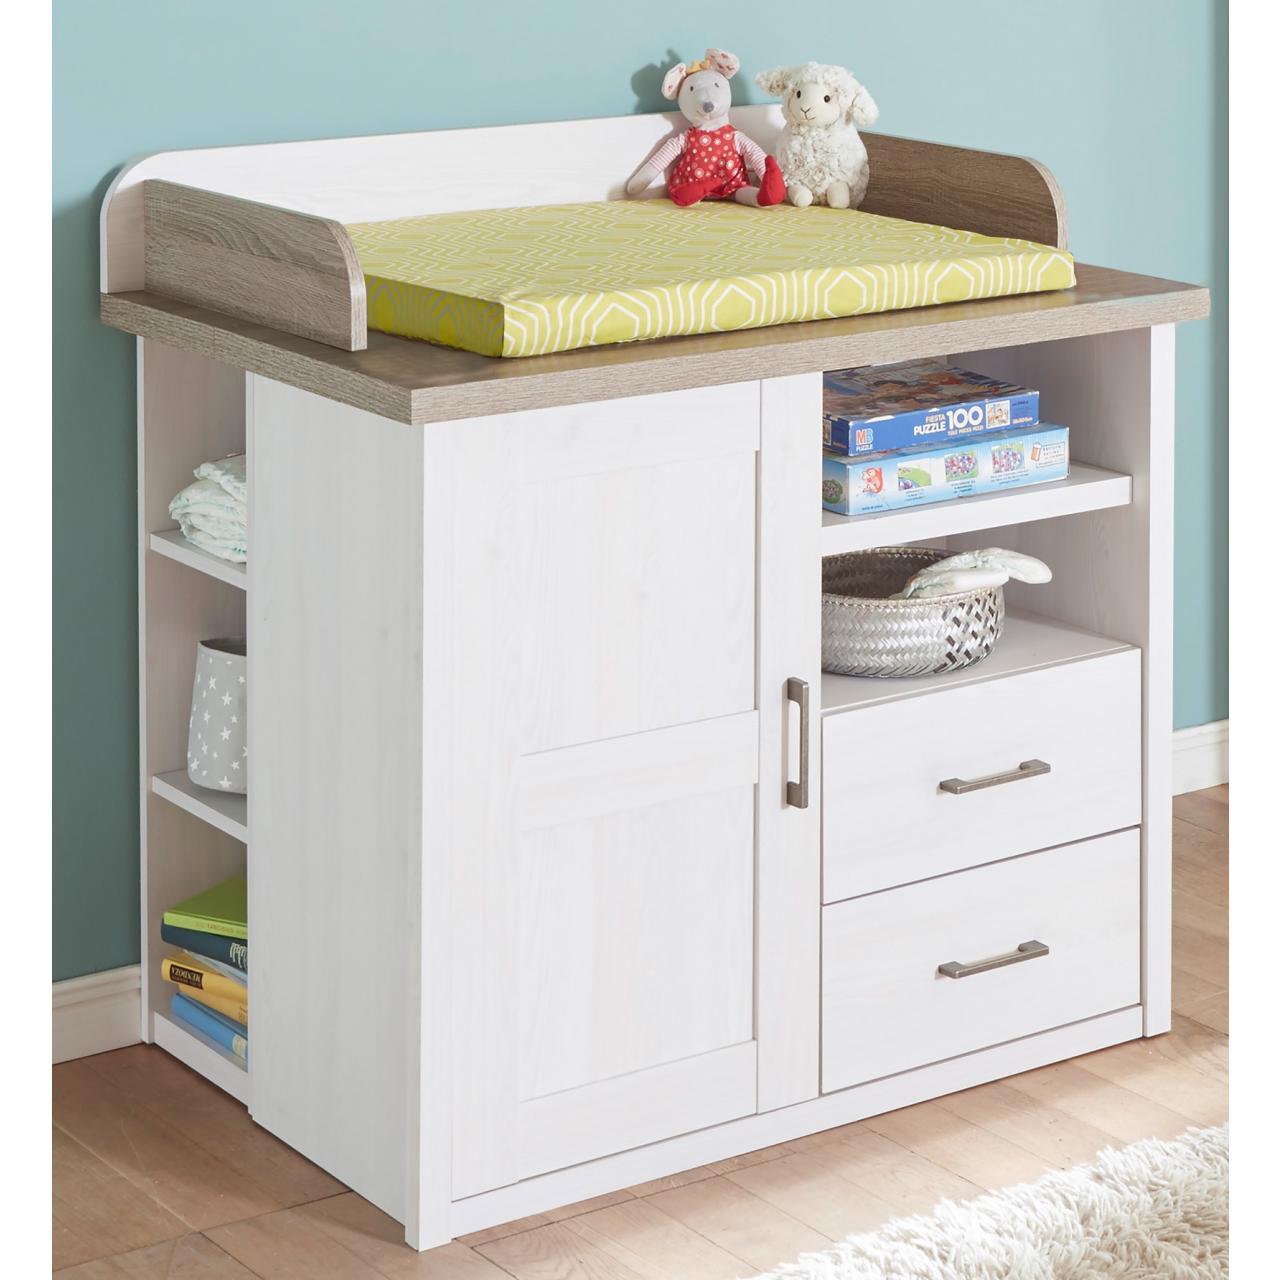 wickelkommode luca pinie wei tr ffel kinderzimmerm bel m bel j hnichen center gmbh. Black Bedroom Furniture Sets. Home Design Ideas